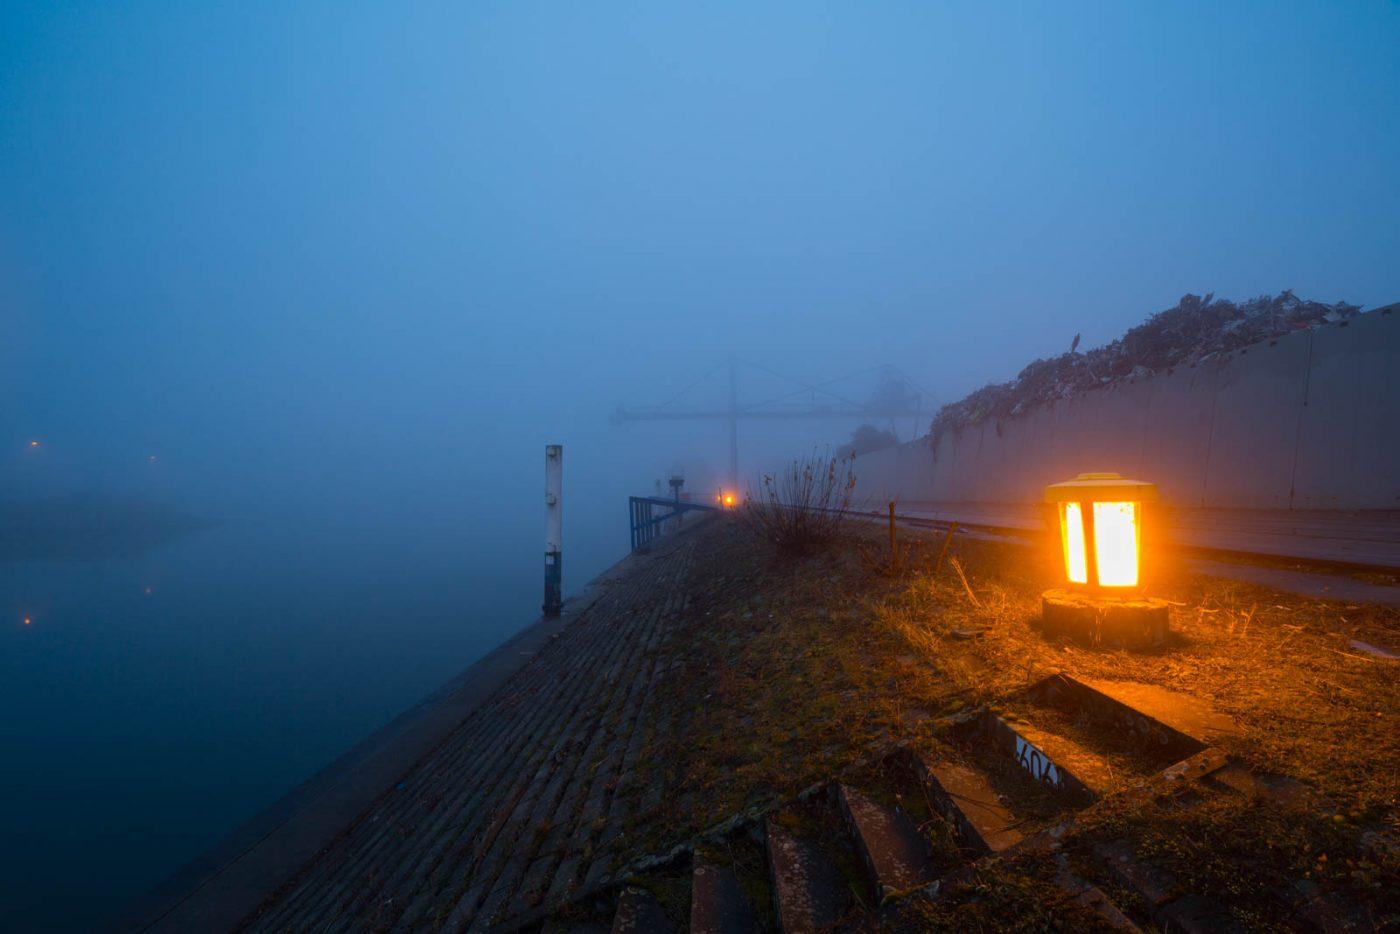 Nebel im Hafen von Karlsruhe